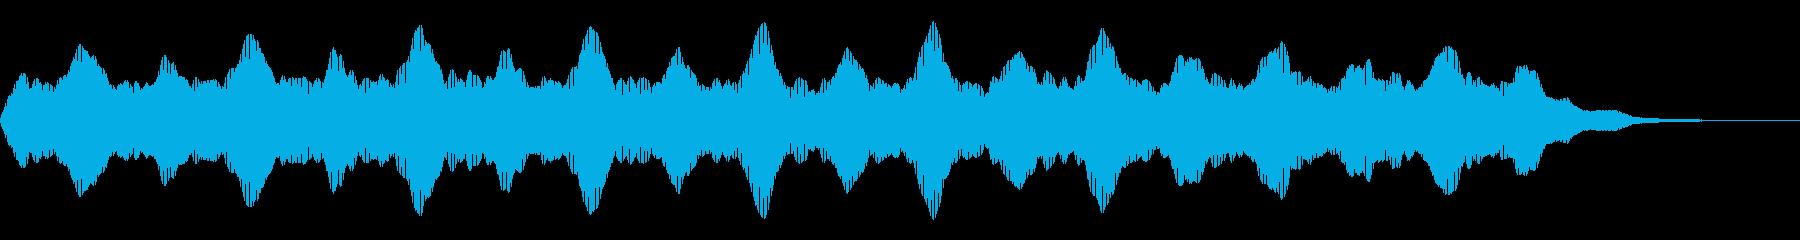 ブーン:不穏なイメージのシンセベースの再生済みの波形